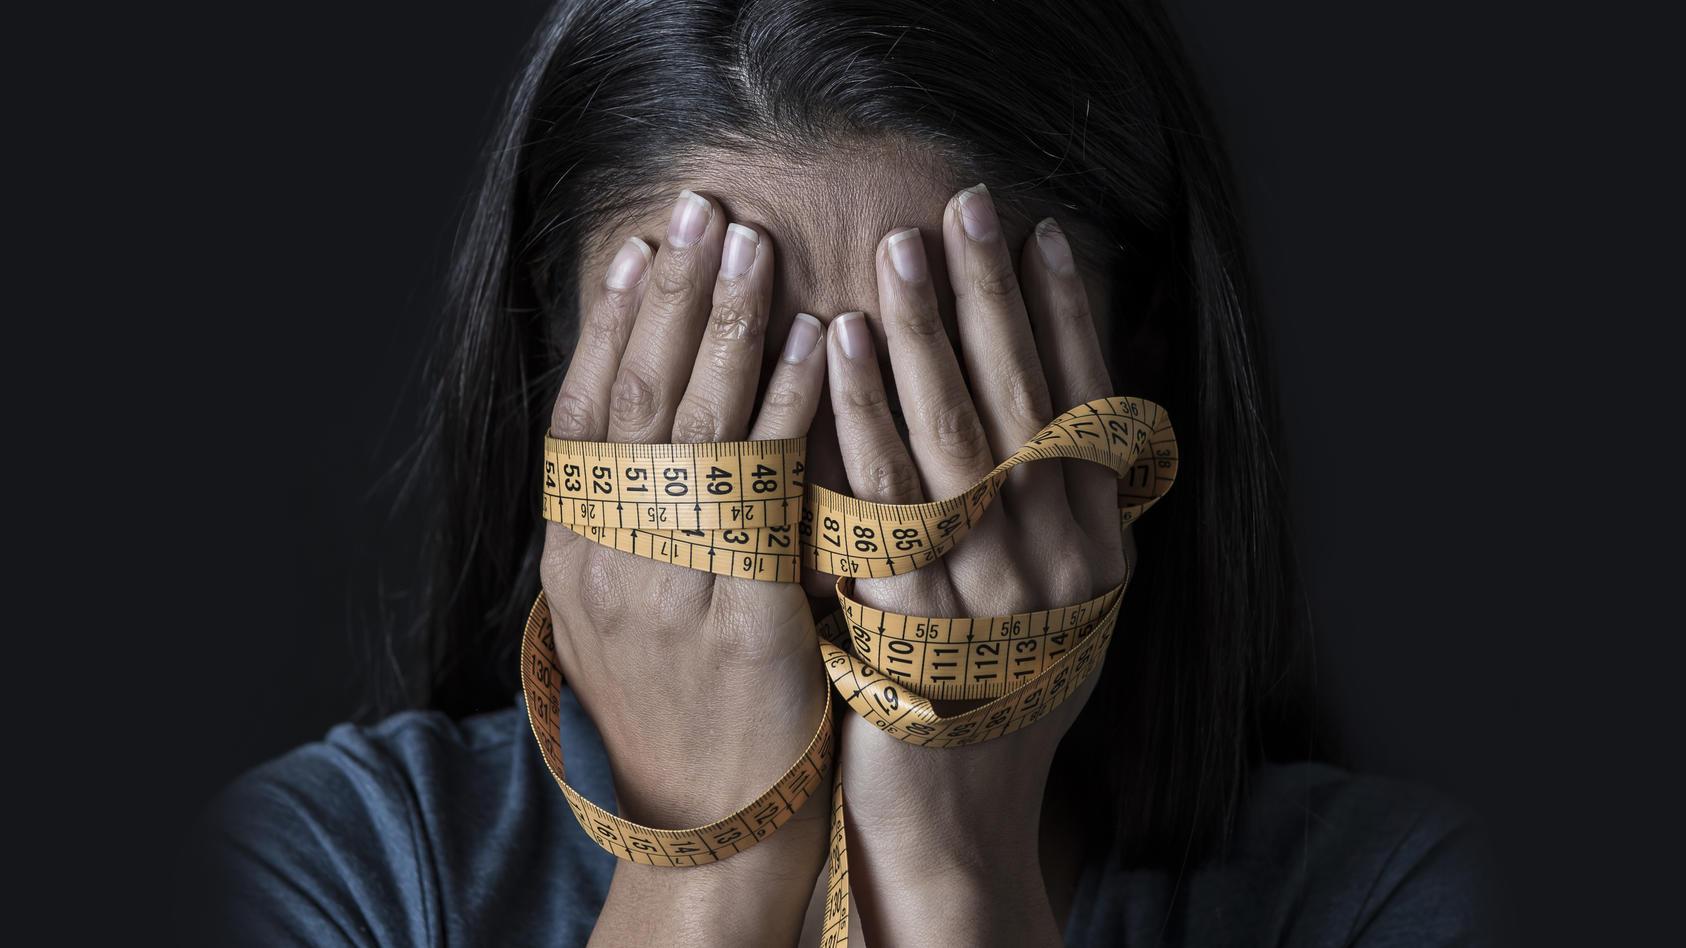 Für viele Betroffene ist die Essstörung ein Teufelskreis, aus dem man ohne Hilfe kaum raus kommt.